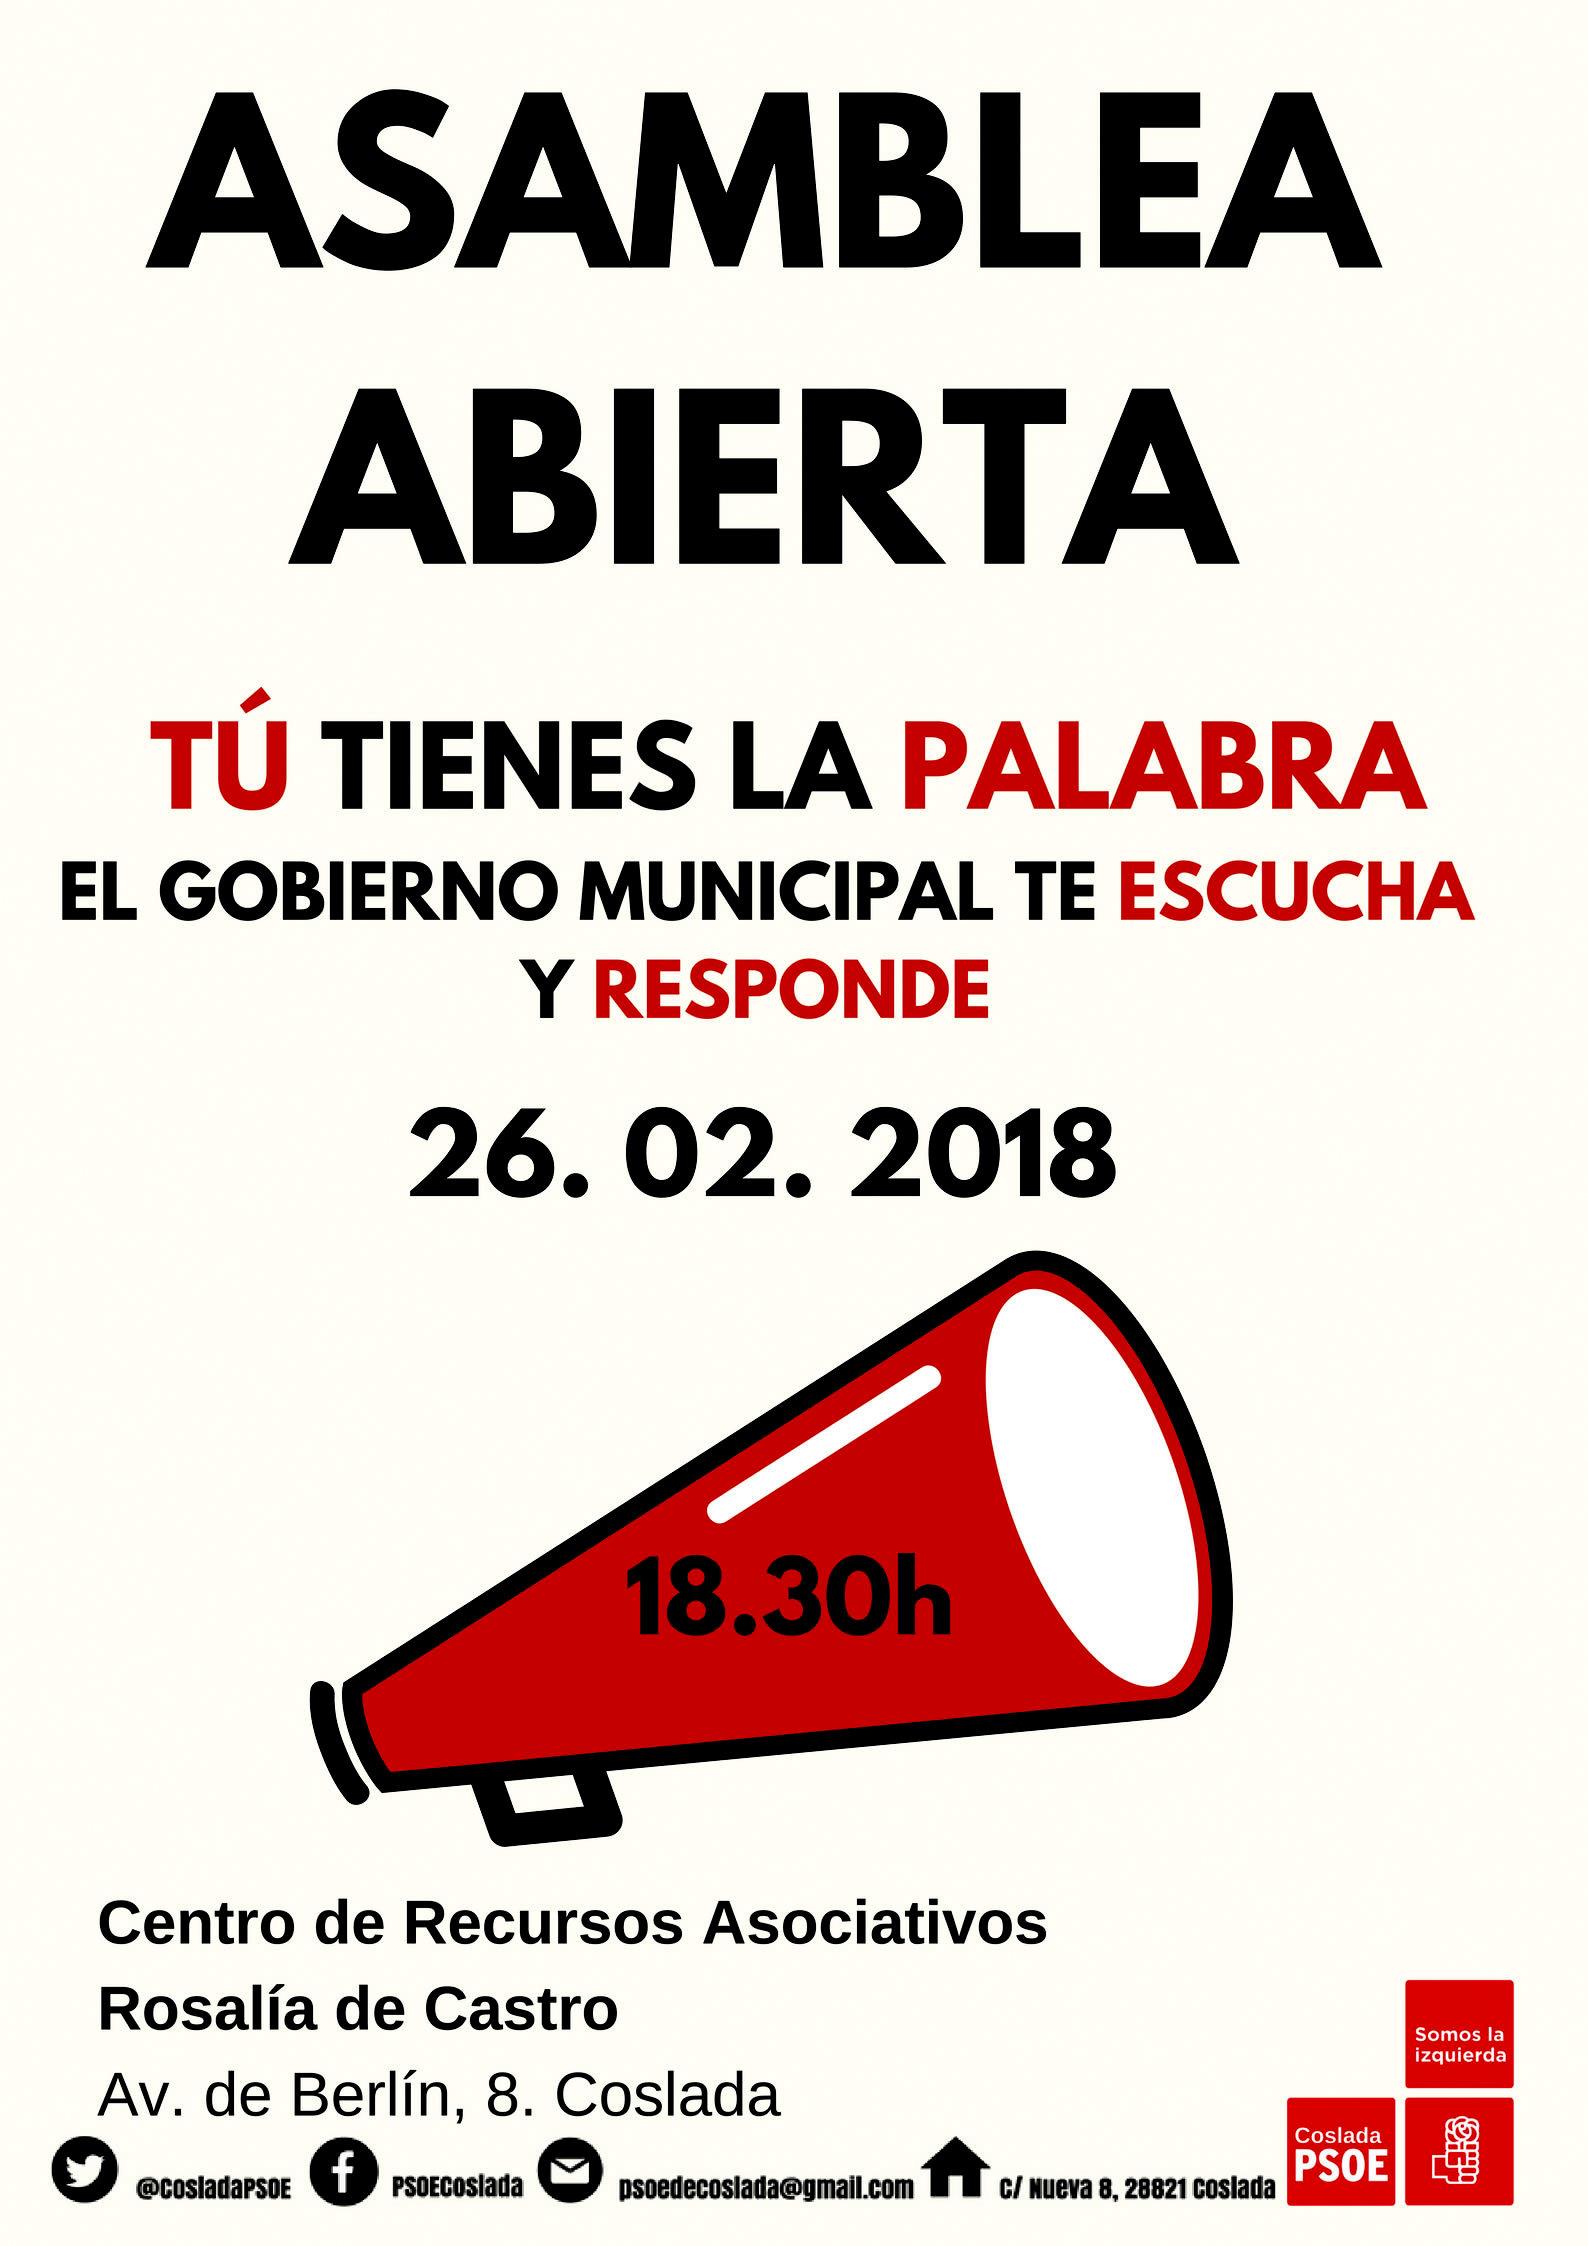 La Agrupación Socialista de Coslada,  pone en marcha Asambleas Ciudadanas para informar de su Gestión en el Ayuntamiento.